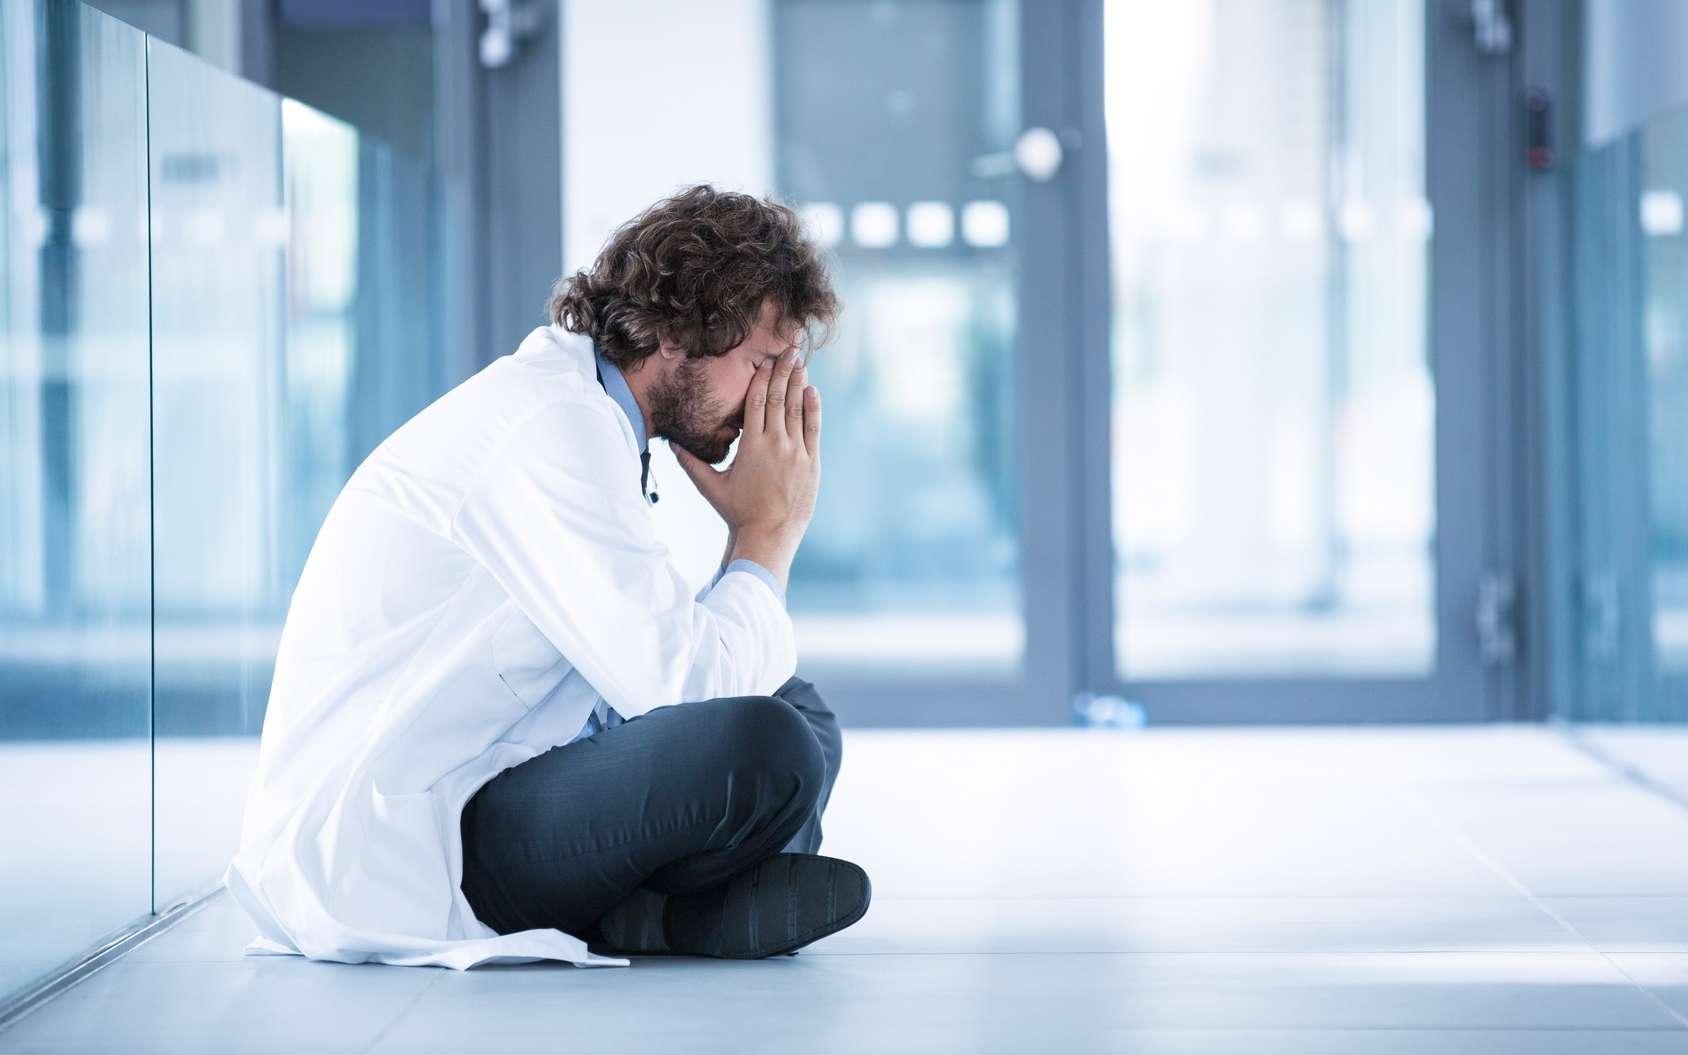 Les médecins français sont deux fois plus touchés par le burn-out que les autres professions. © WavebreakMediaMicro, Fotolia